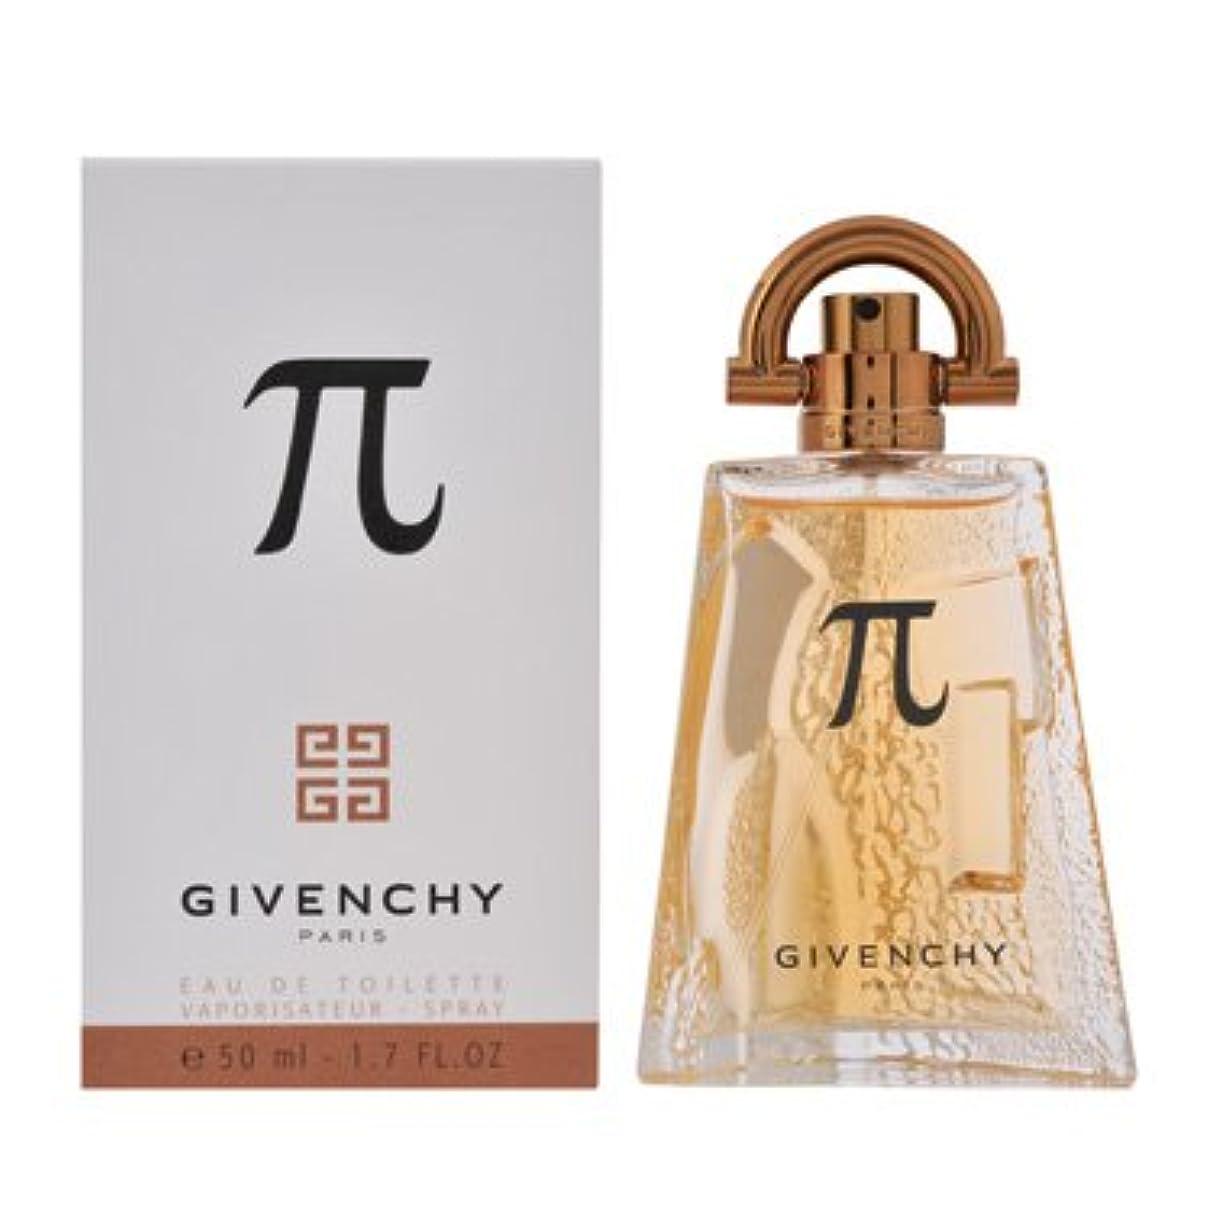 障害者セットする段落GIVENCHY(ジバンシイ) GIVENCHY ジバンシイ パイ EDT/50mL3274878222551 香水 フレグランス 香水?フレグランス